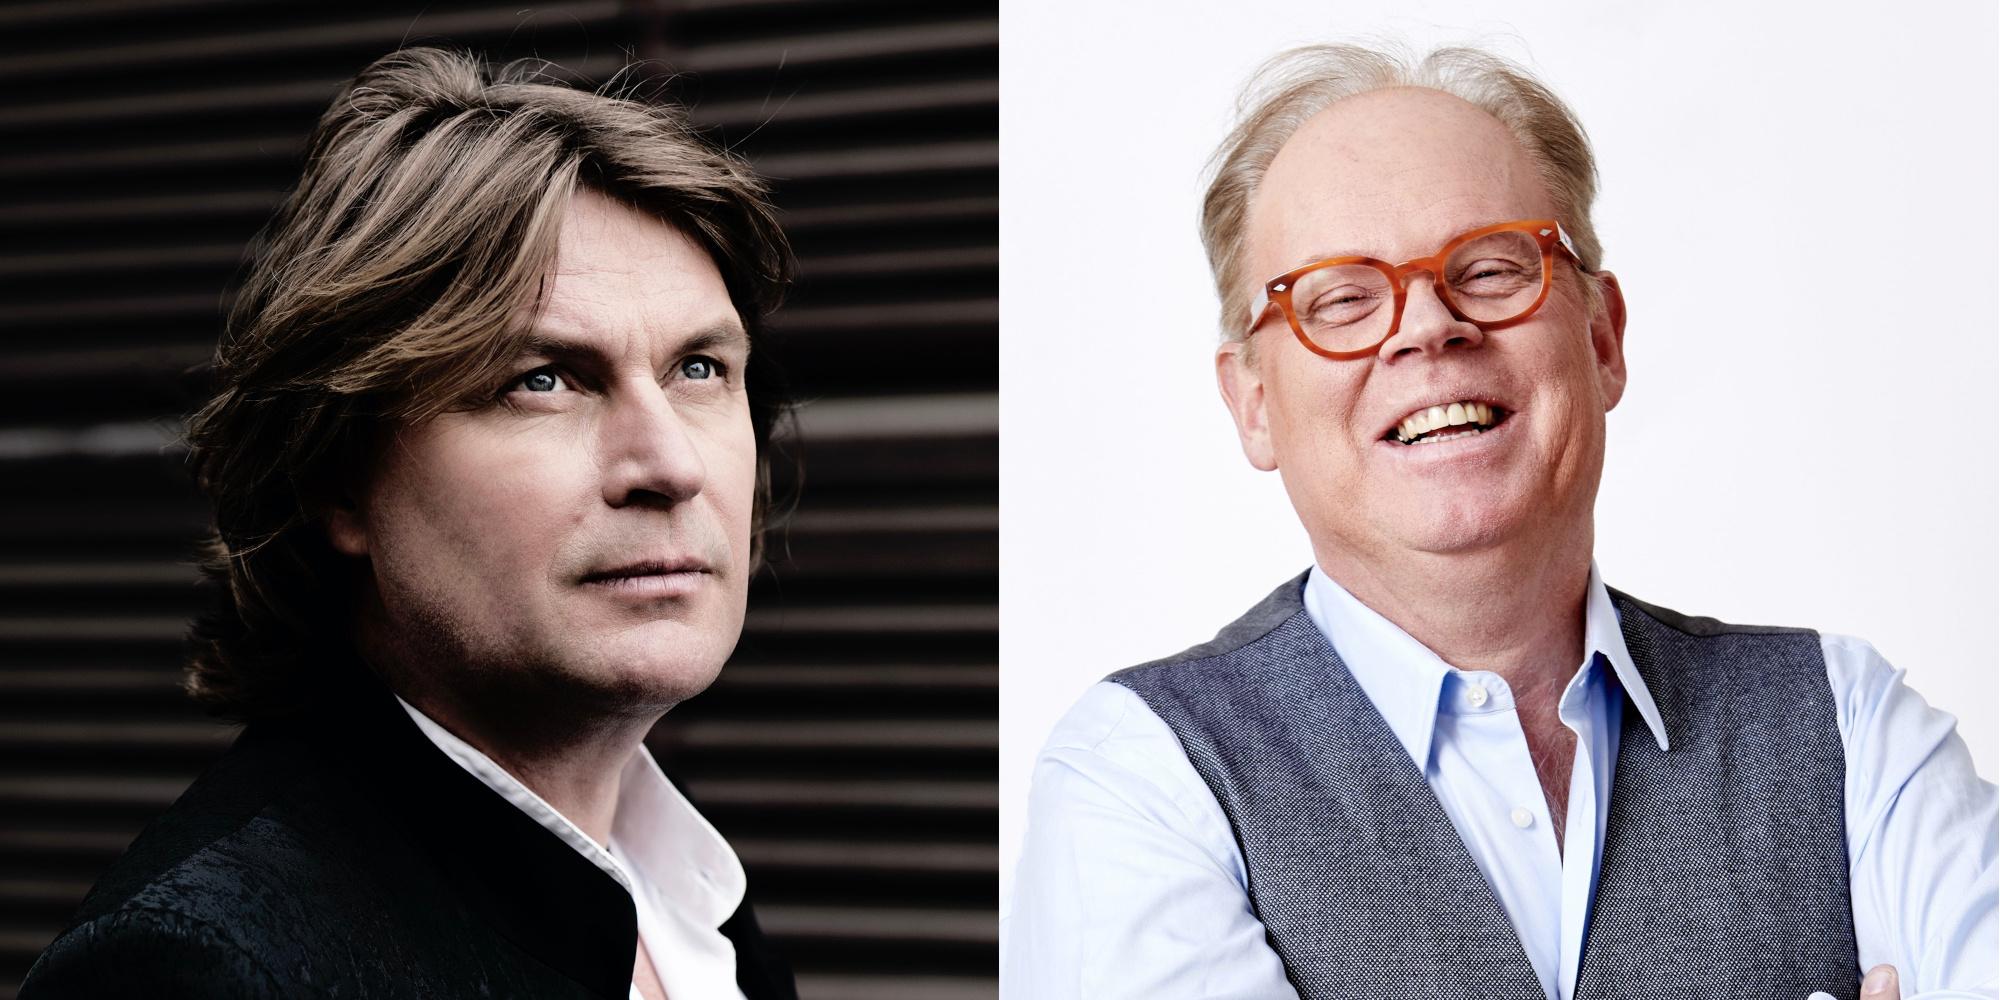 Klaus Florian Vogt und Martin Gantner kehren an die Met zurück